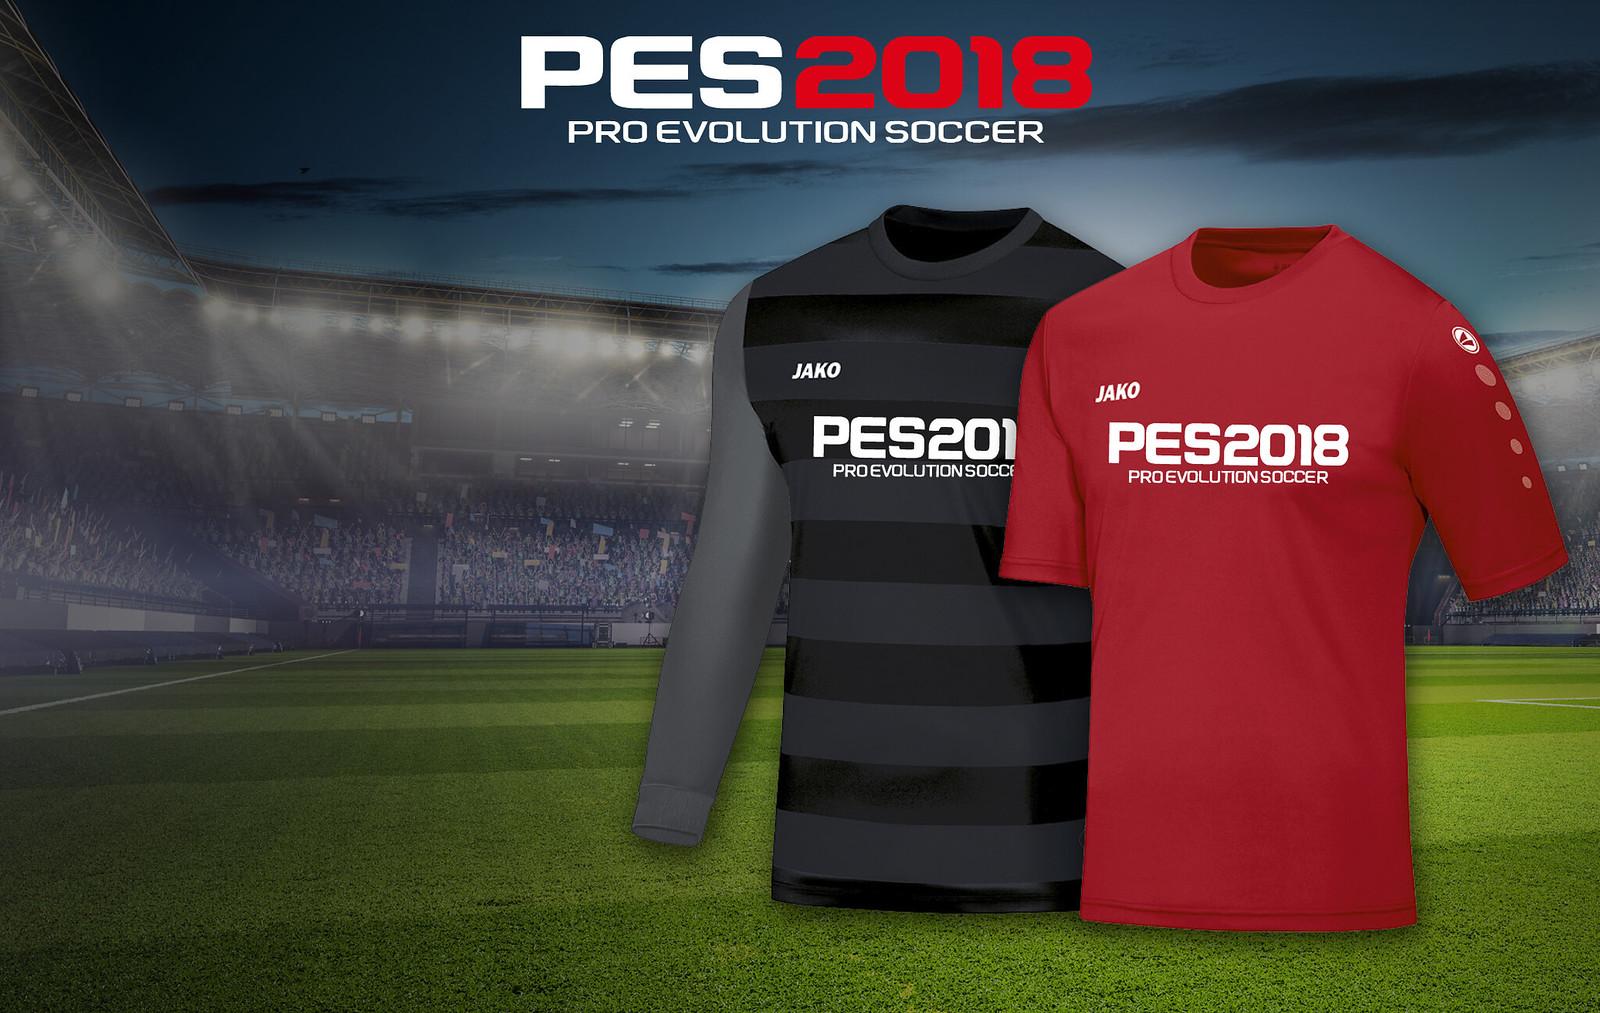 Titelbild-PRO-Evolution-Soccer-V2